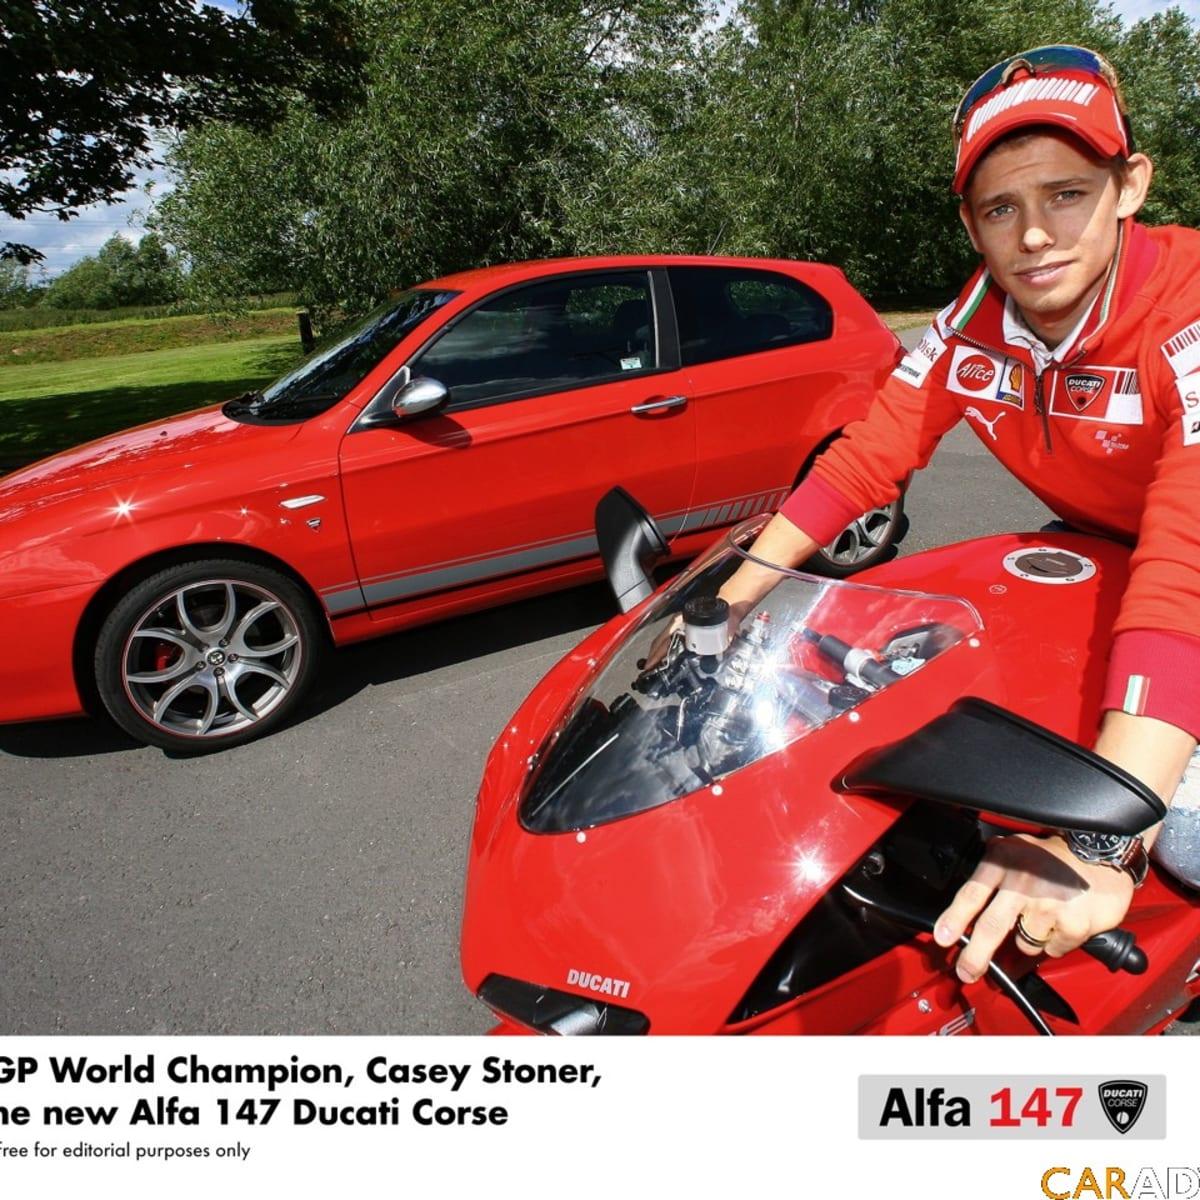 Alfa Romeo 147 Ducati Corse Caradvice